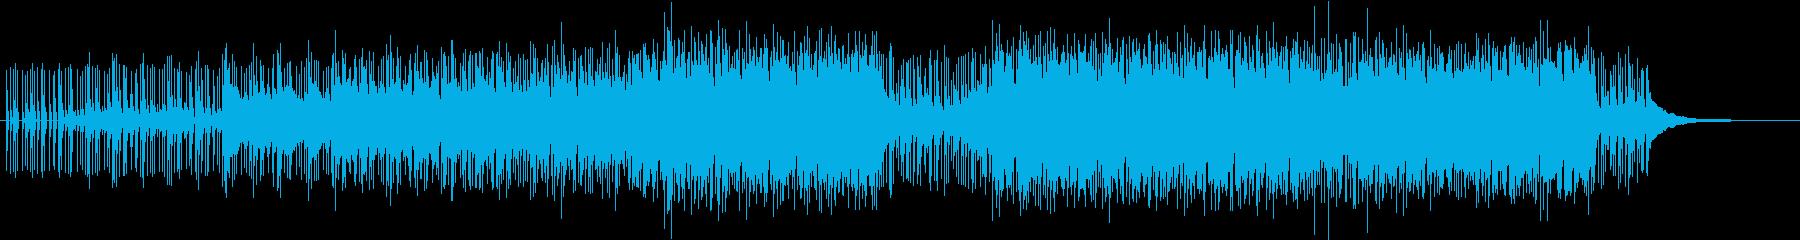 疾走感のあるアコースティックBGMの再生済みの波形